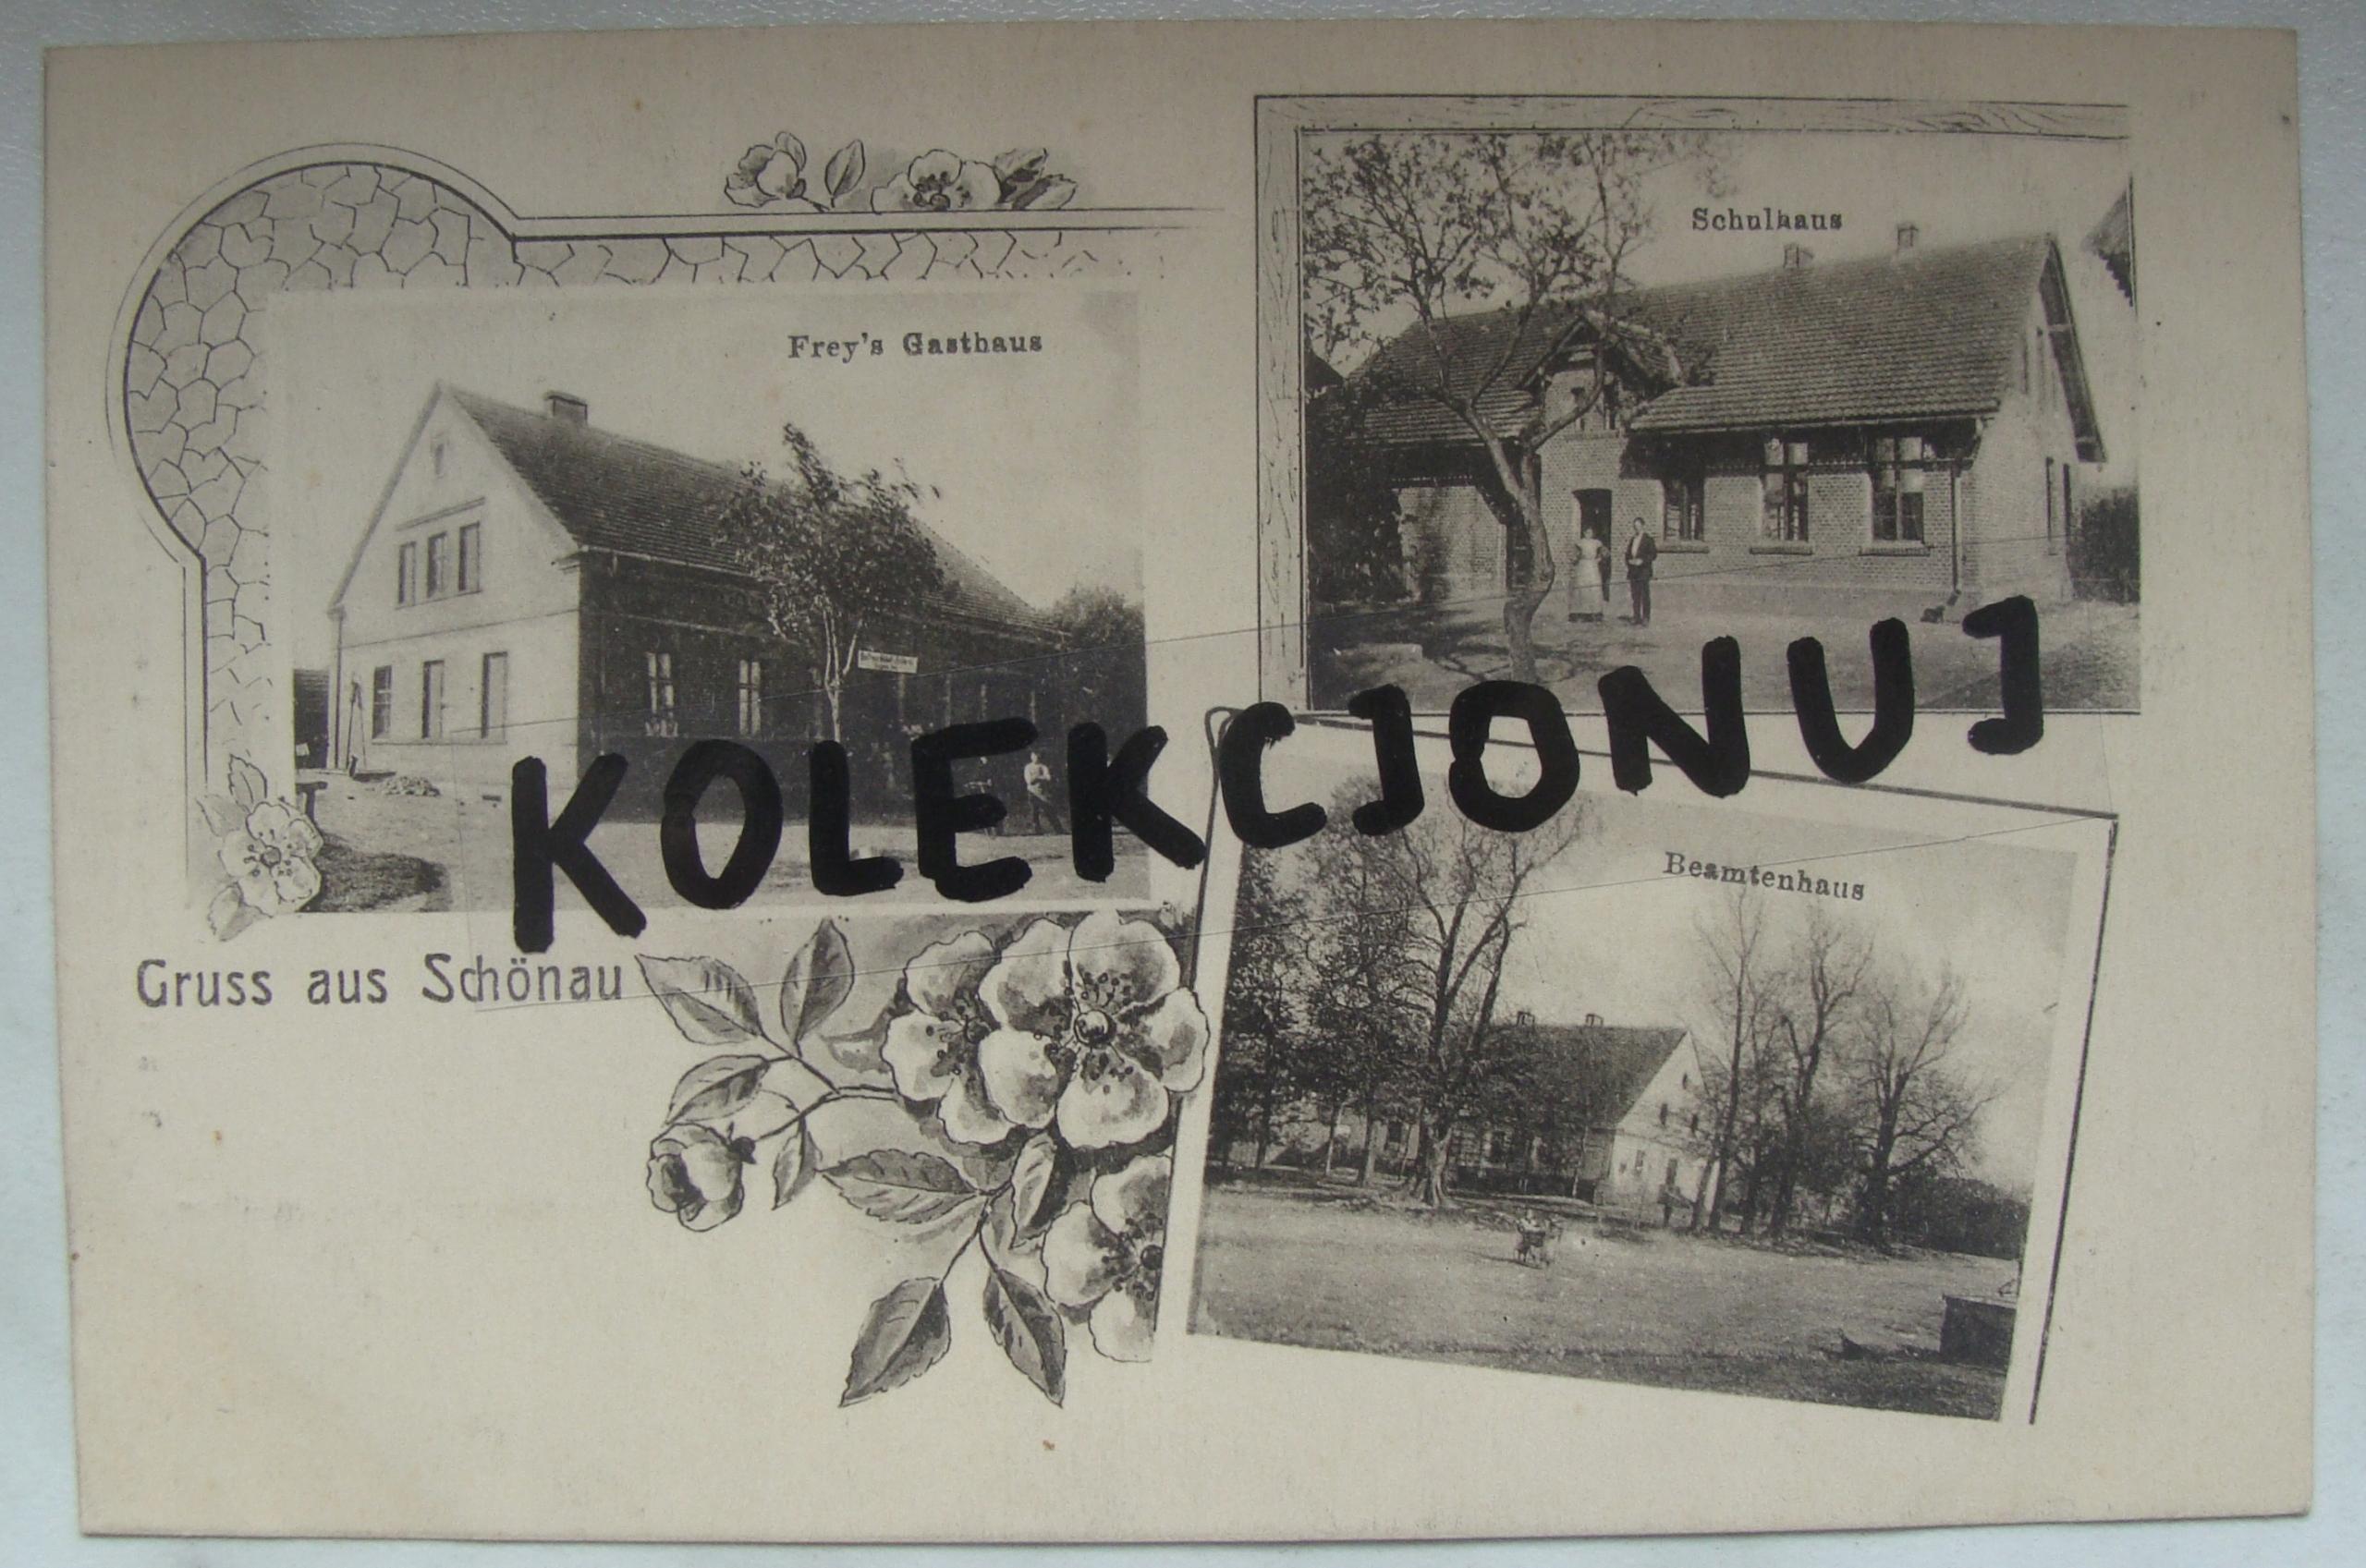 P87. Schnau - Kromolin, Świerzawa ??